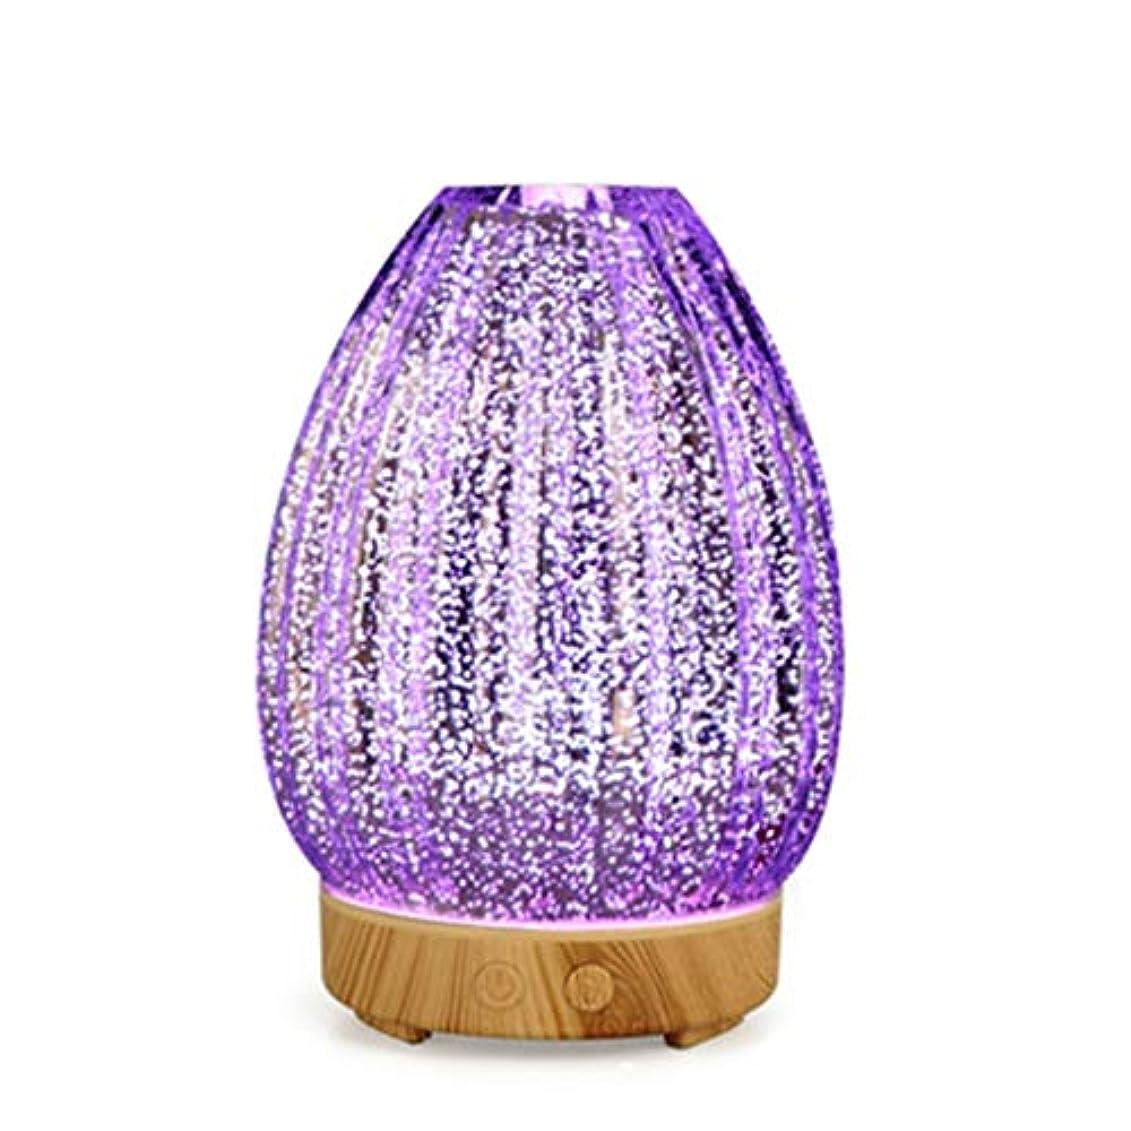 レバーブラシ無心クールミスト空気加湿器、ウォーターフリーオートクローズ、7 LEDカラー変更ライト付き、寝室のベビーレディの家の装飾に適して (Color : Light wood grain)